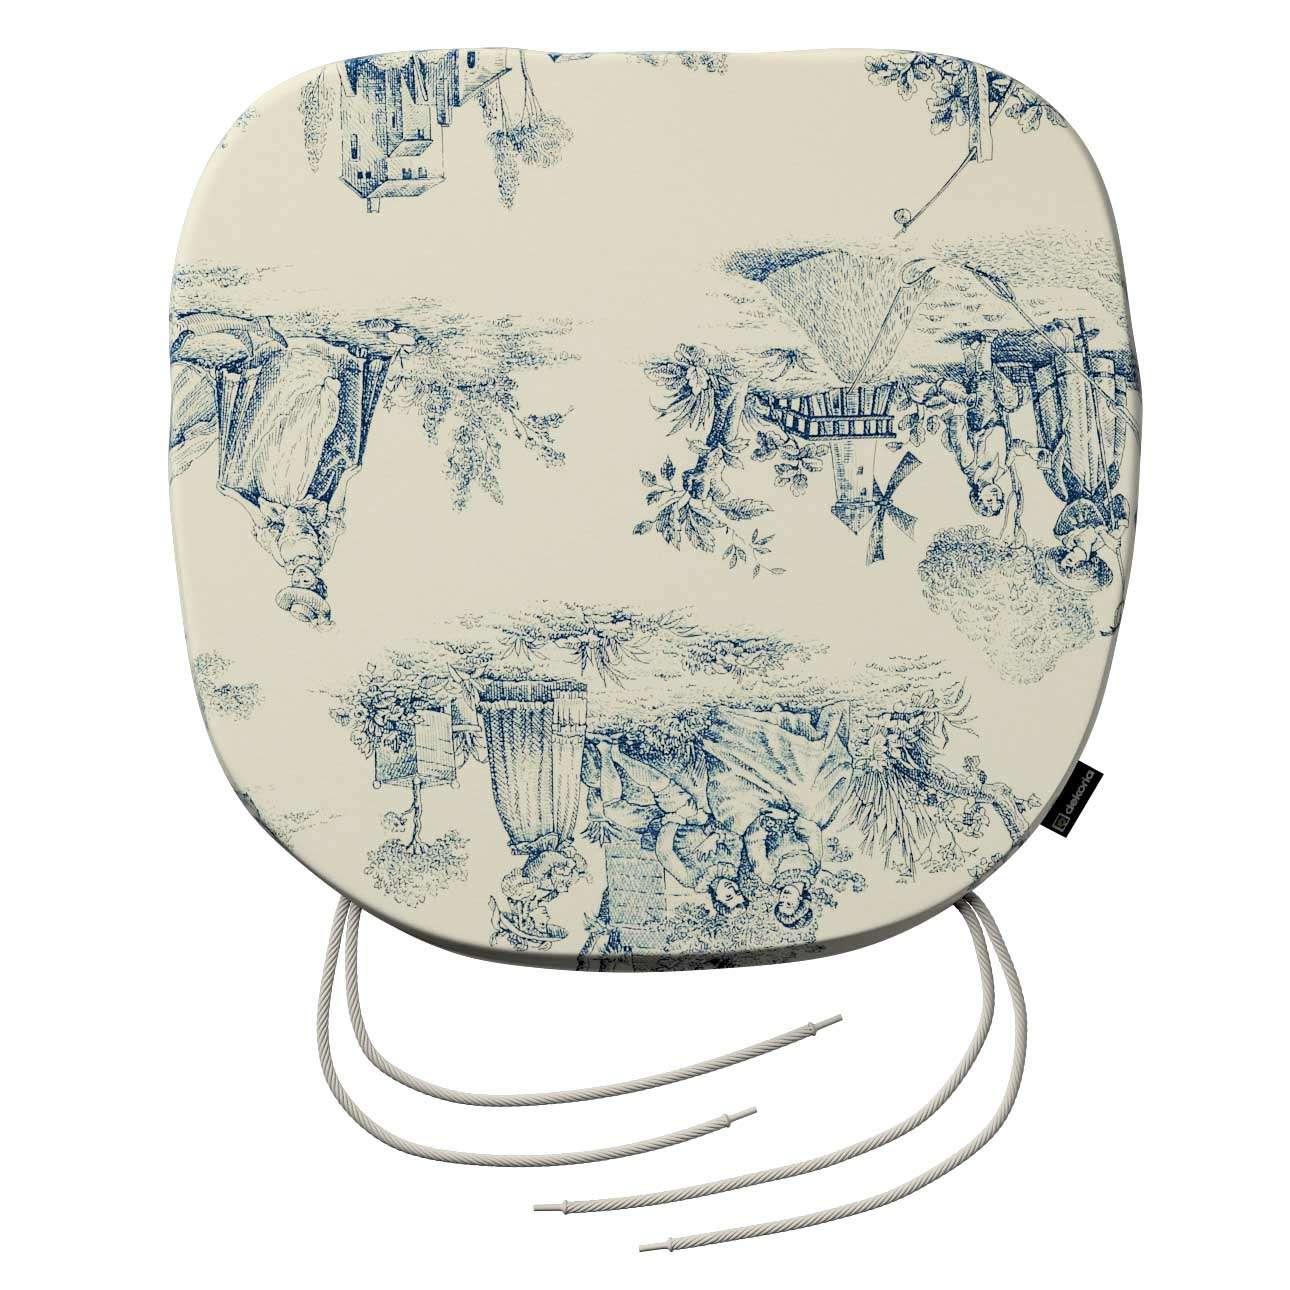 Siedzisko Bartek na krzesło 40x37x2,5cm w kolekcji Avinon, tkanina: 132-66